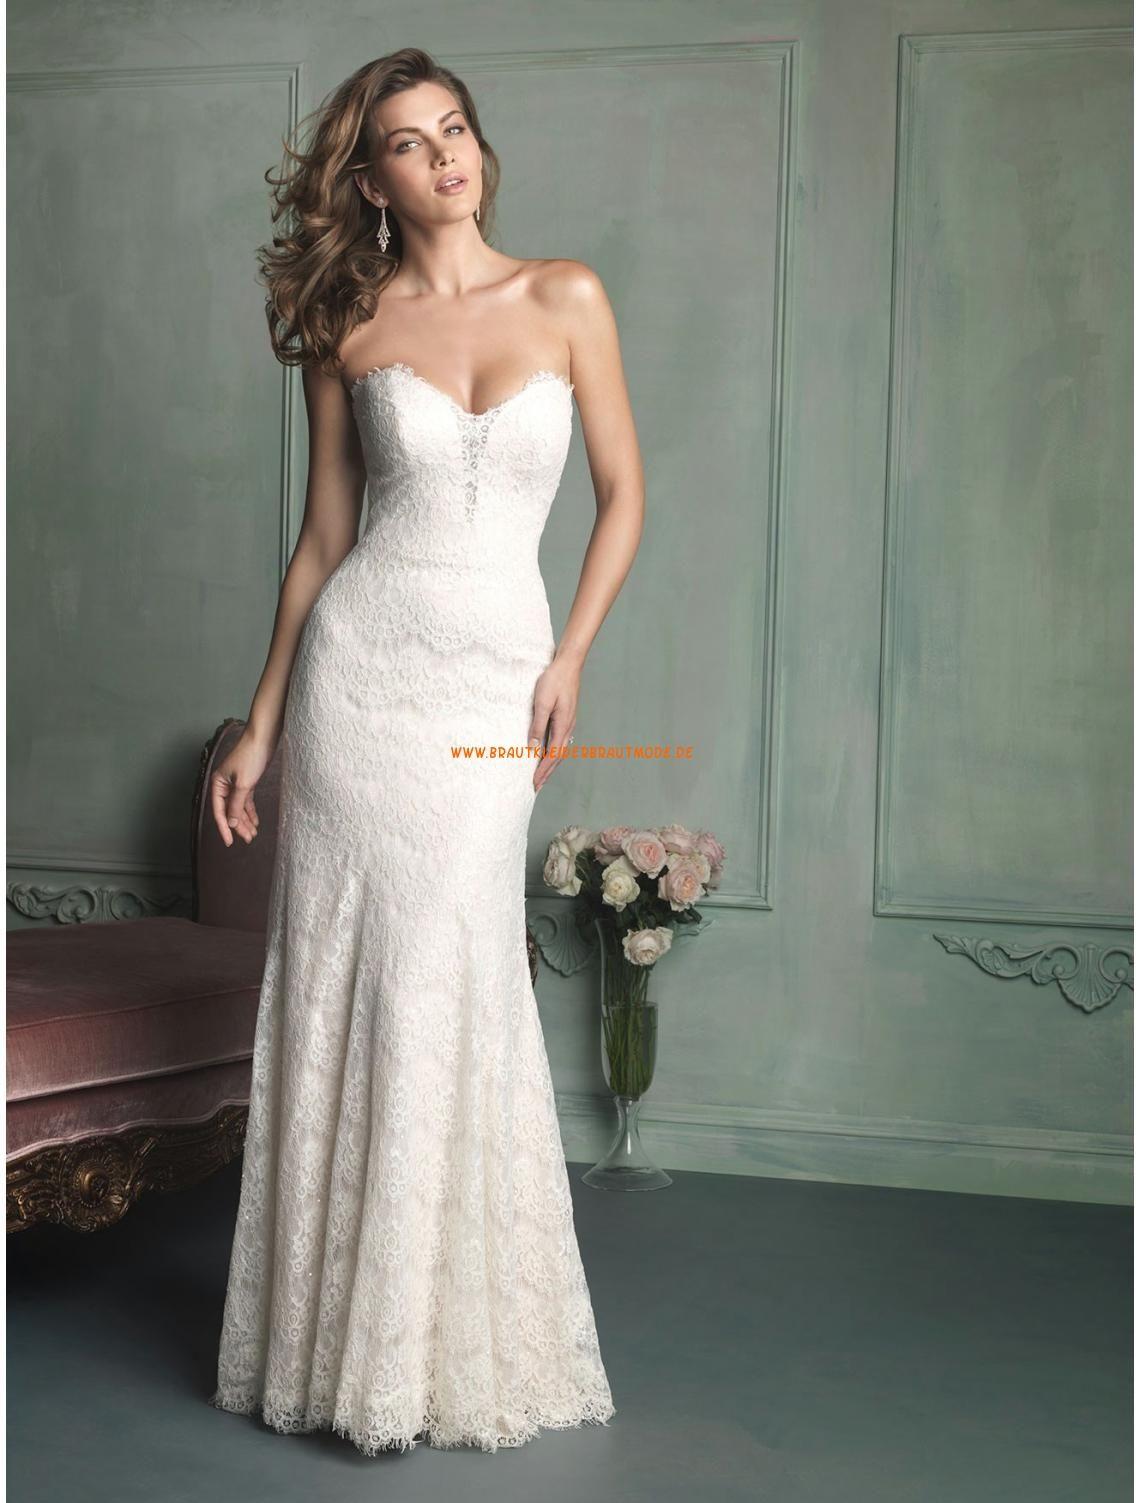 Allure Wedding Elegante Sexy Moderne Brautkleider aus Spitze mit ...